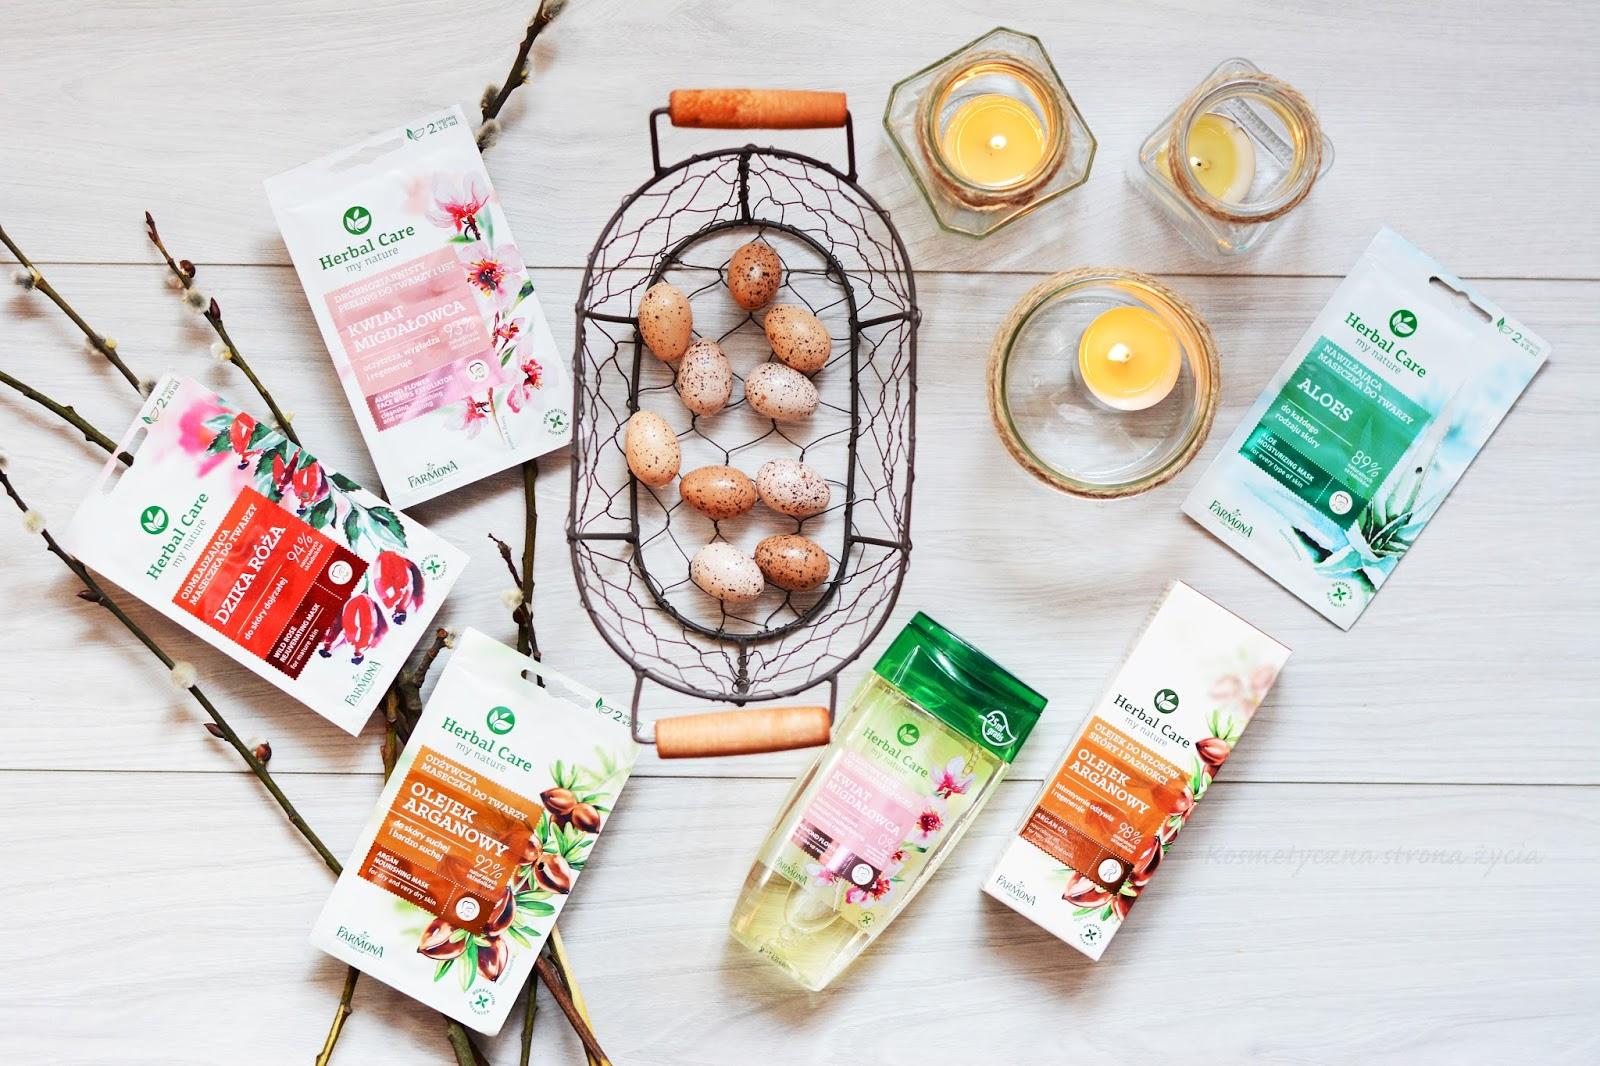 Farmona Herbal Care Wiosenne Przebudzenie olejkowy płyn kwiat migdałowca odżywczy olejek arganowy